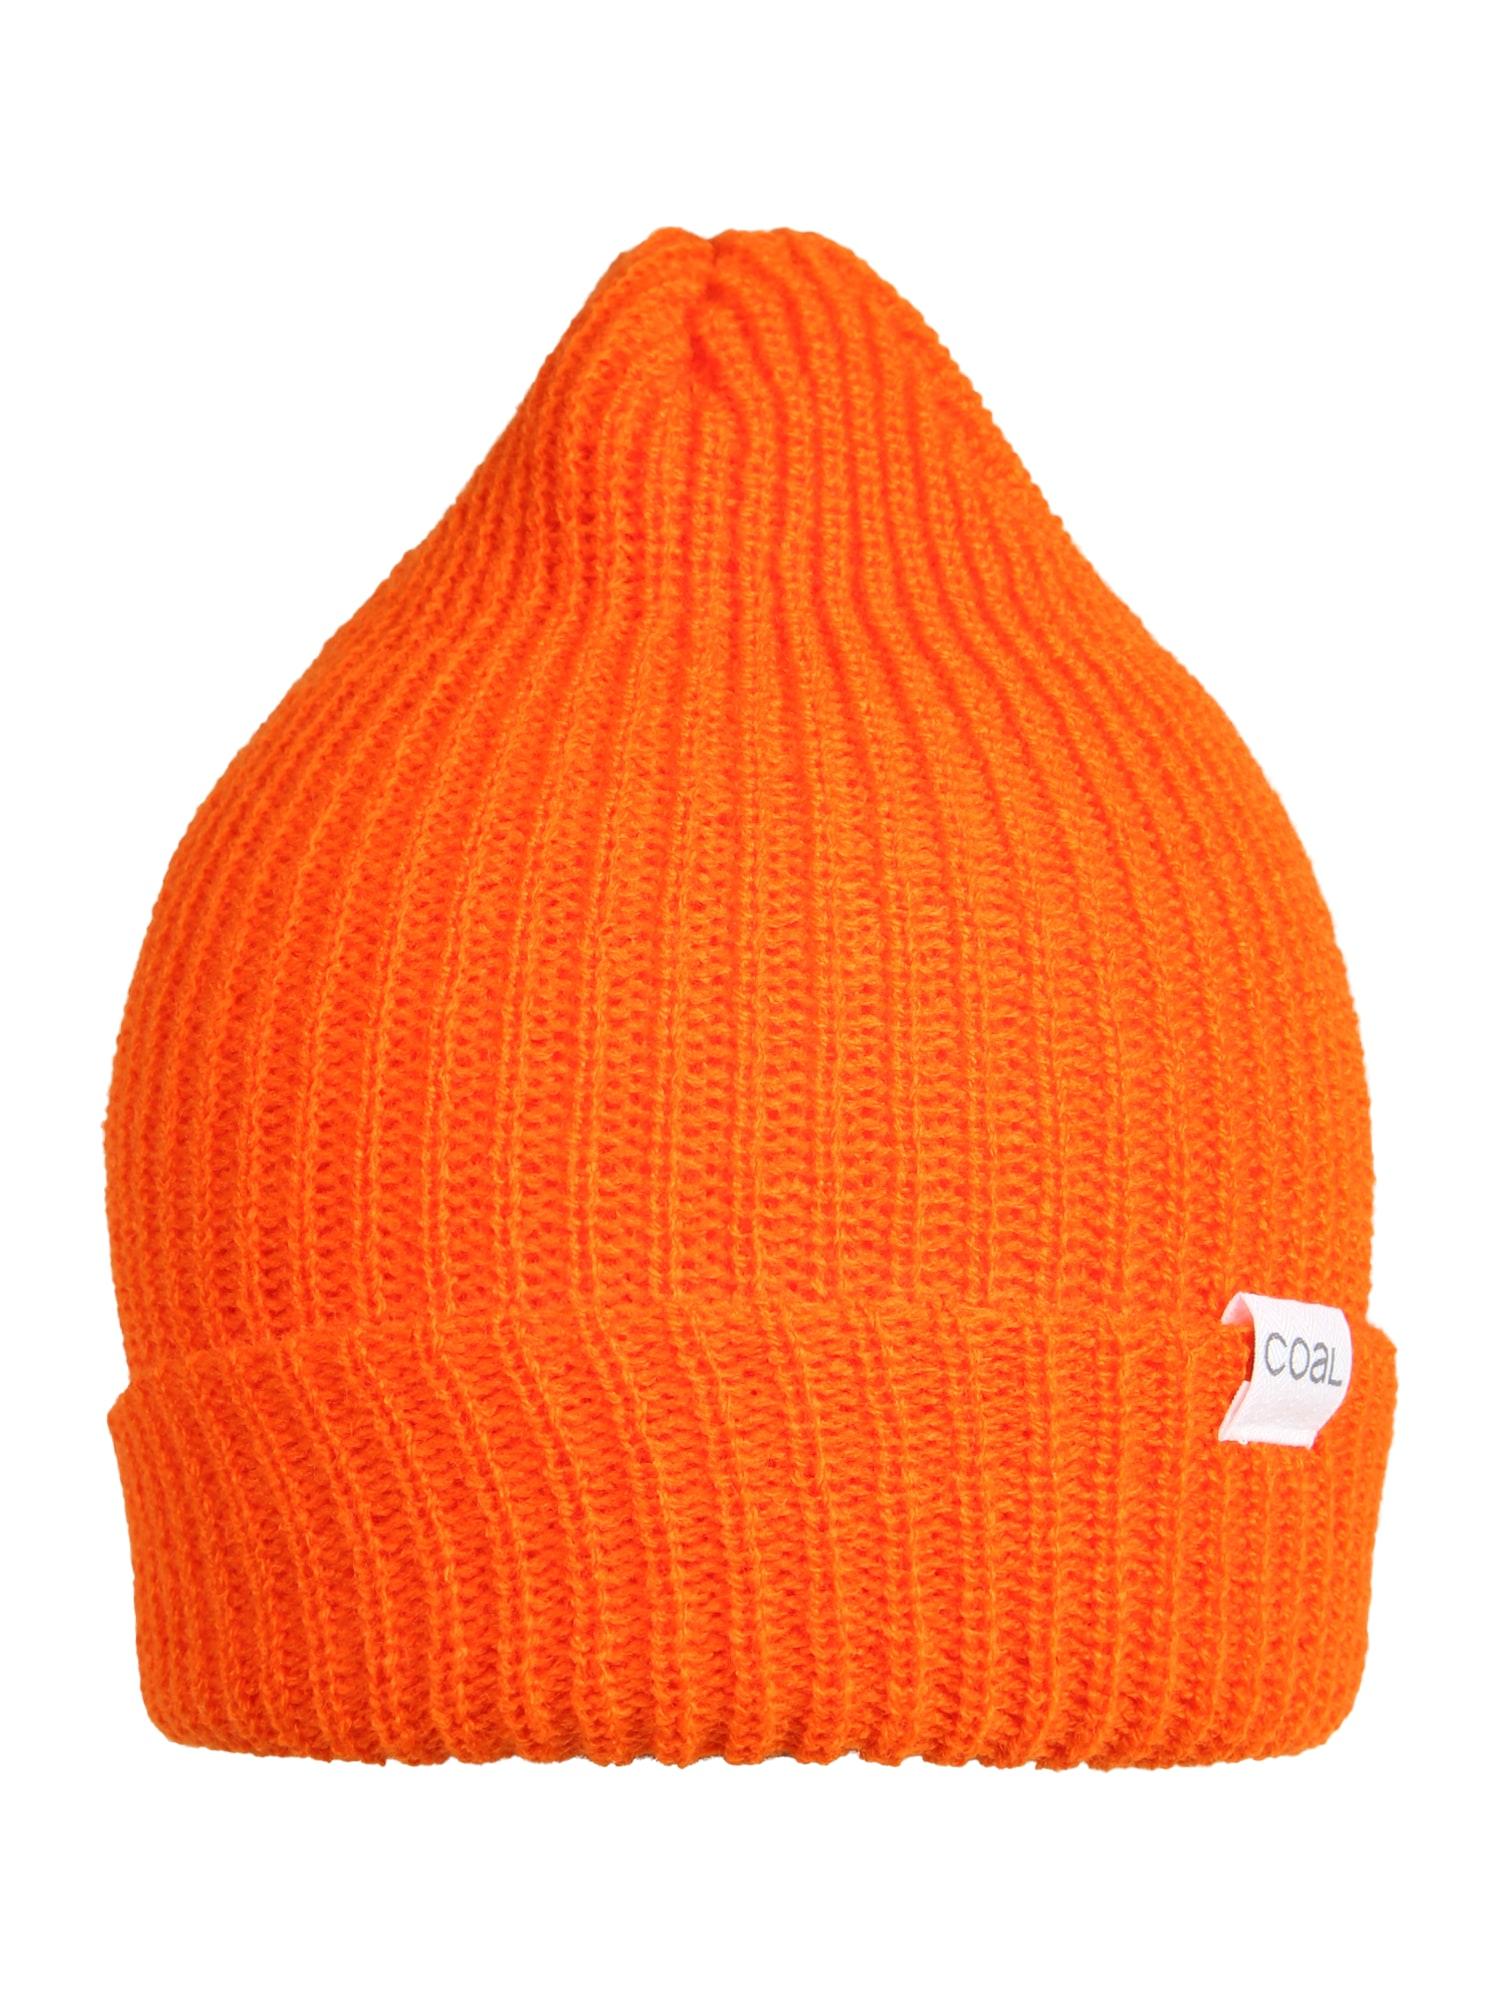 Coal Sportovní čepice  tmavě oranžová / bílá